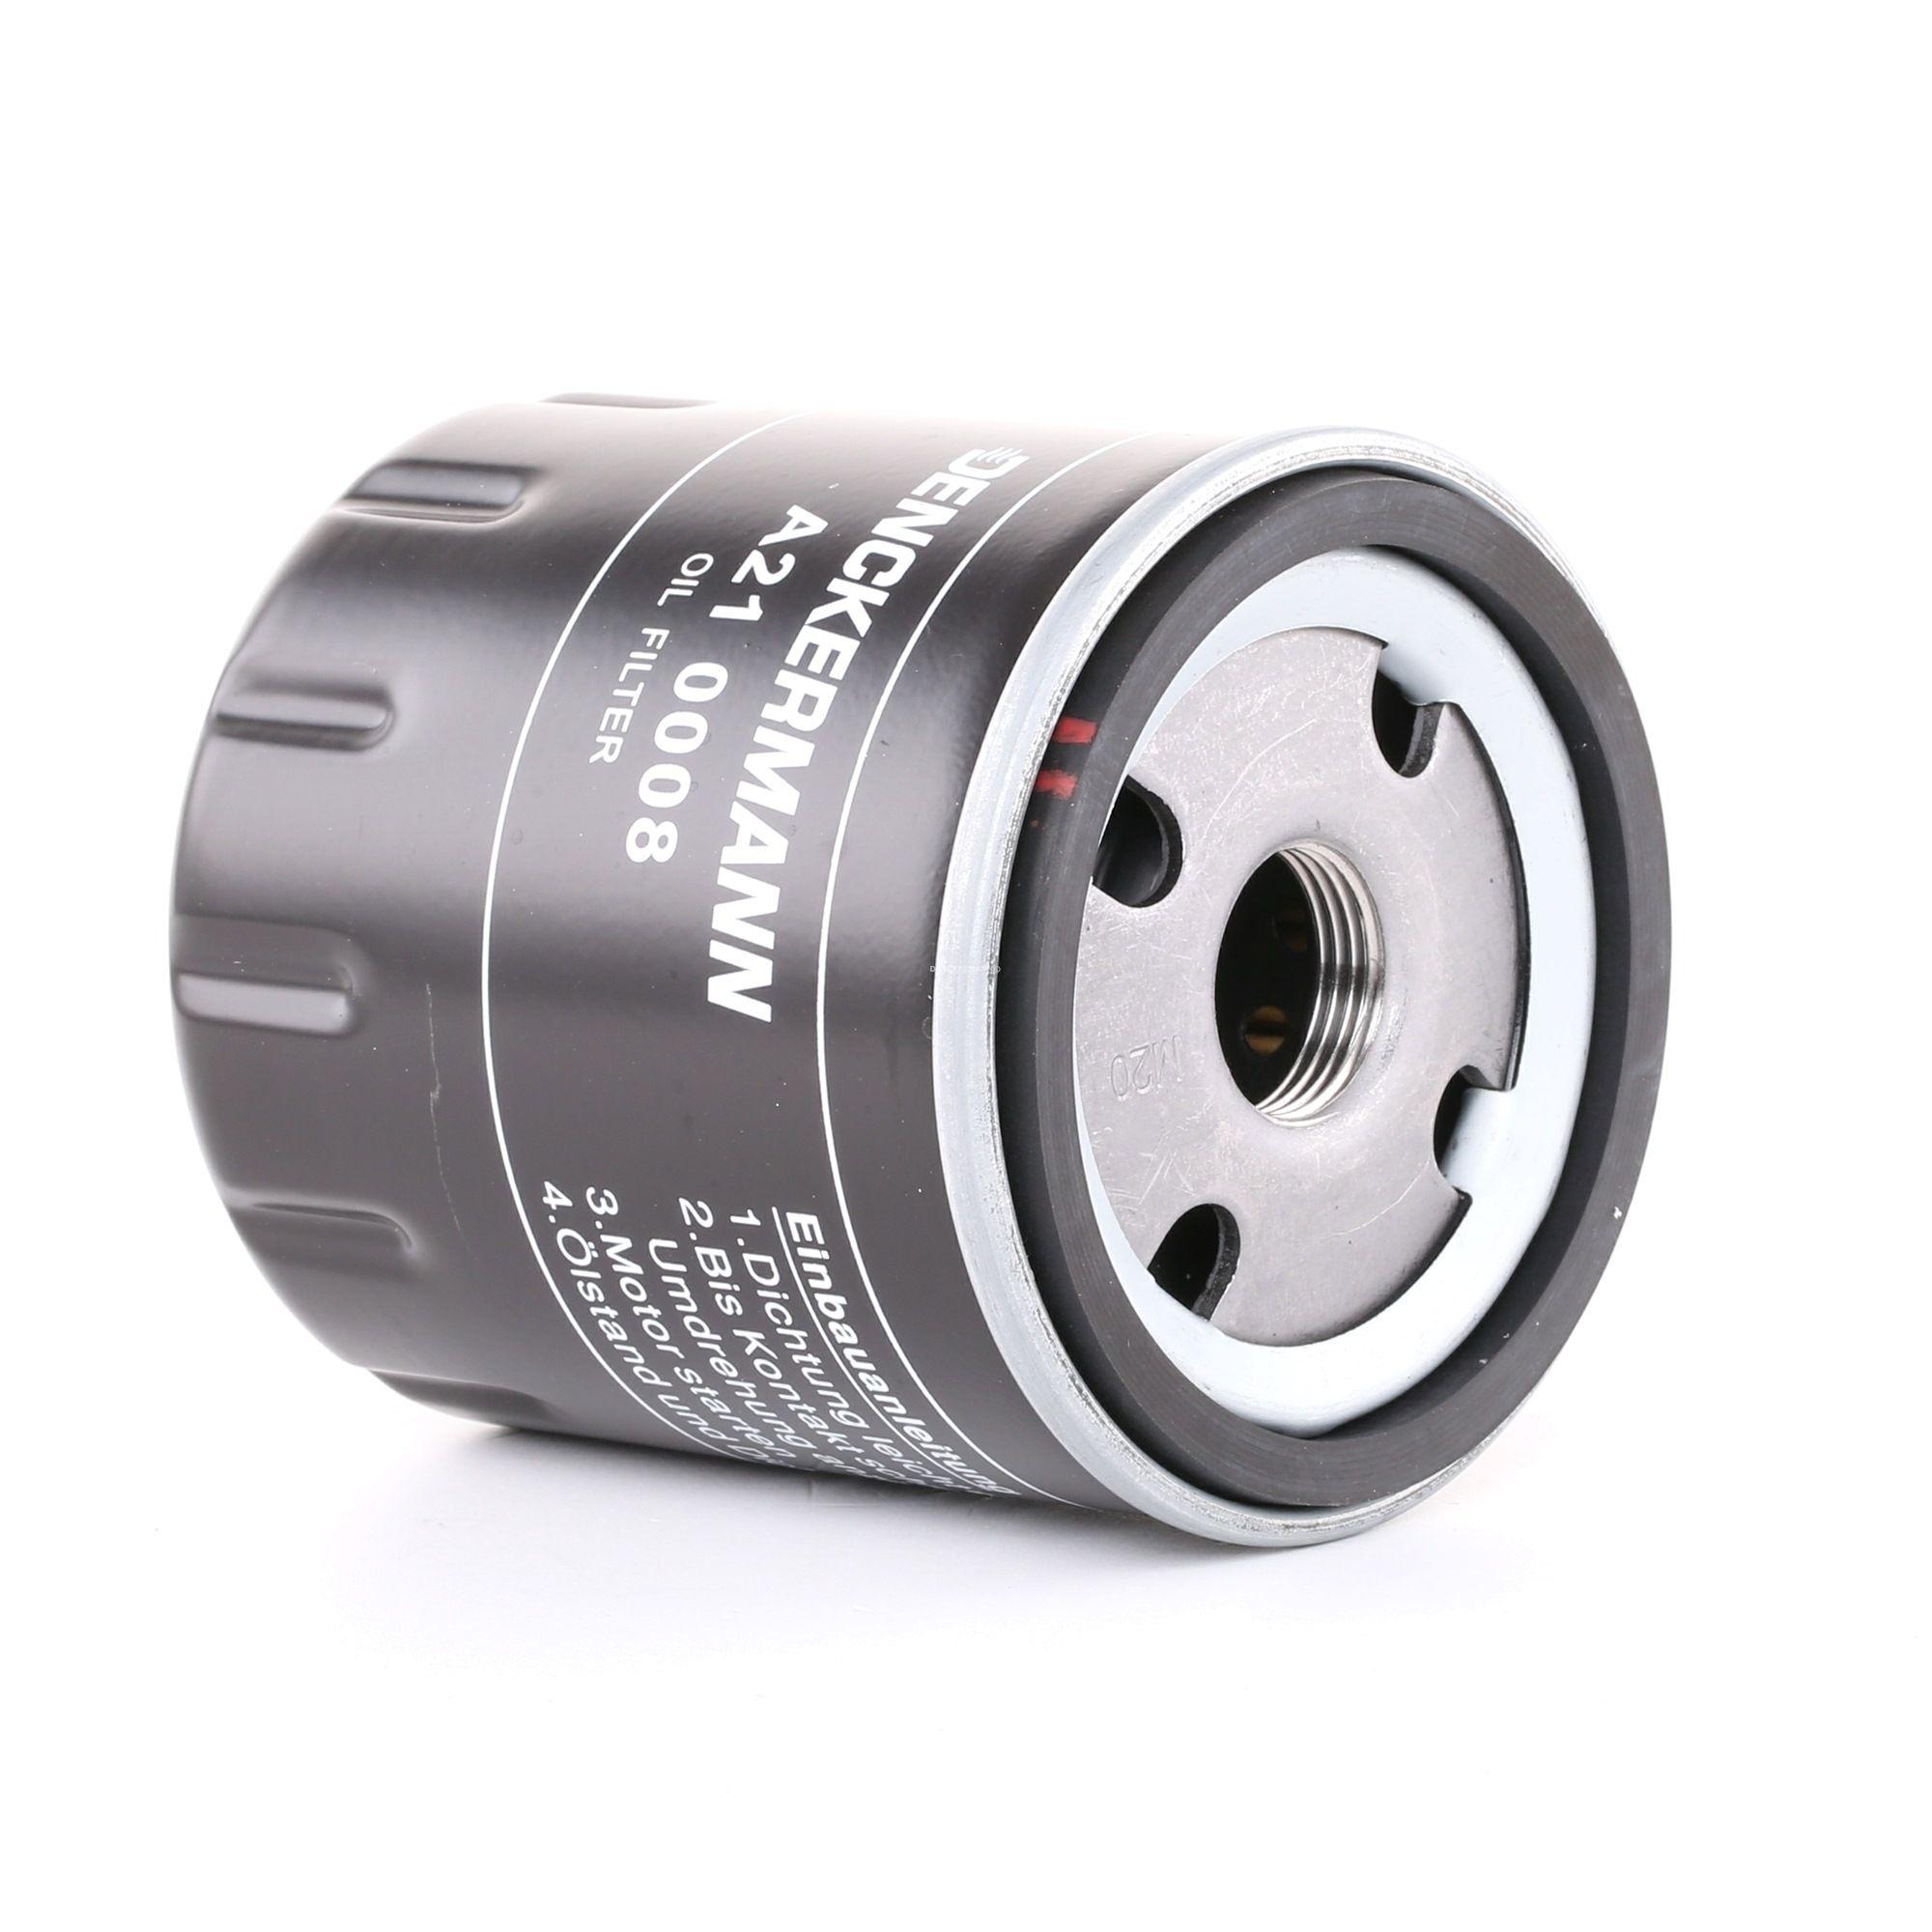 Achat de A210008 DENCKERMANN Filtre vissé Diamètre intérieur 2: 72mm, Diamètre intérieur 2: 63mm, Hauteur: 88mm Filtre à huile A210008 pas chères